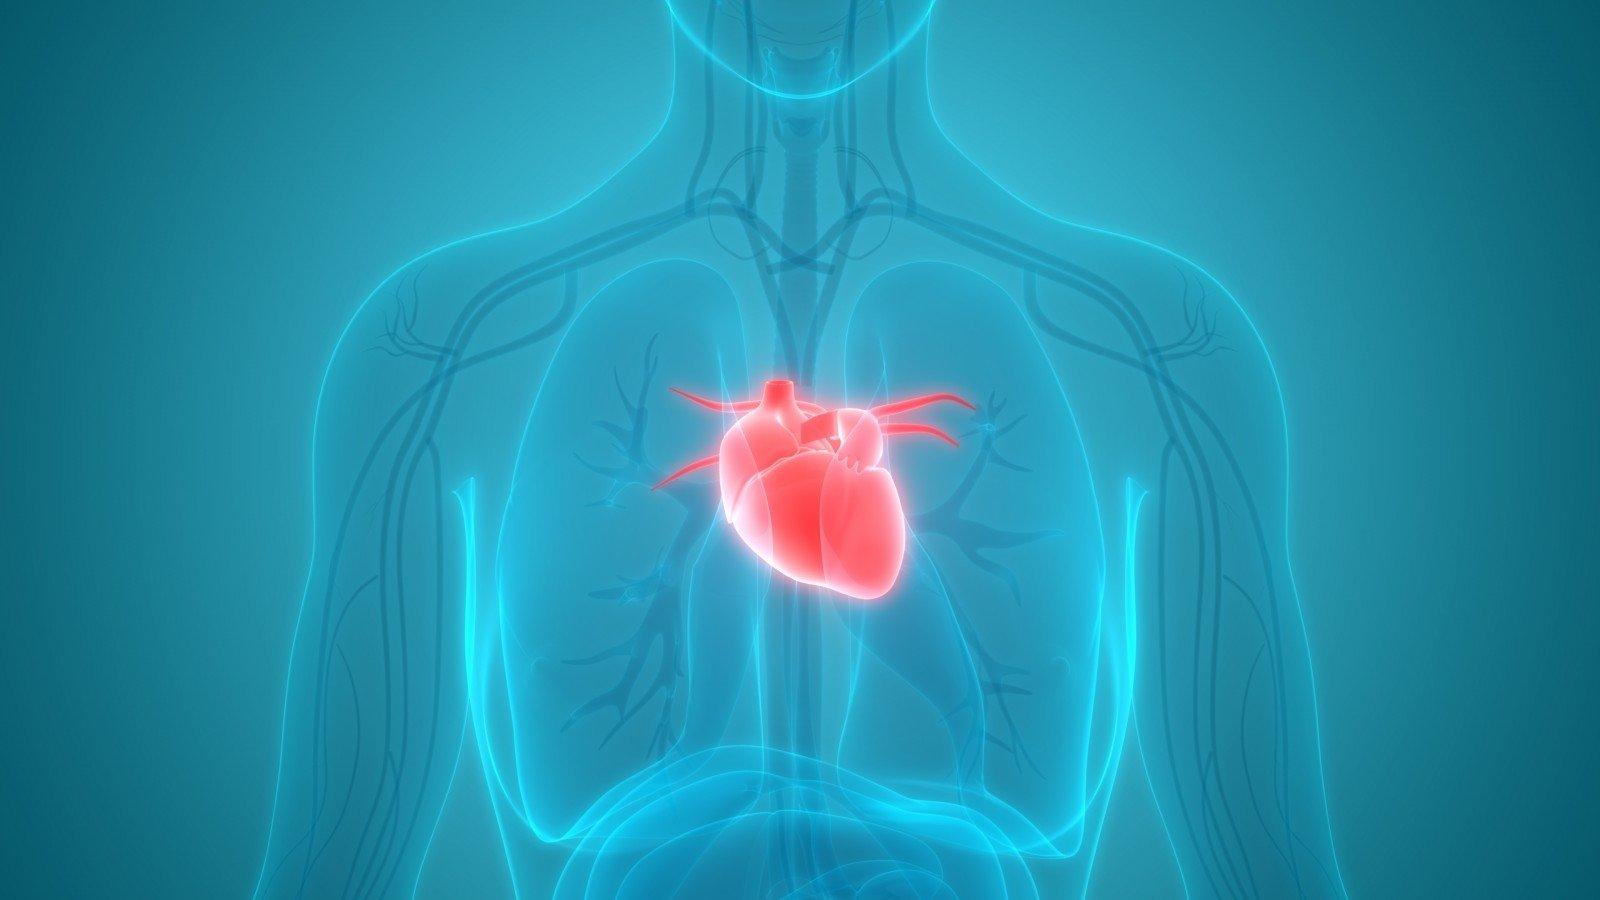 liga sveikata širdies moteris į raumenis dėl hipertenzijos